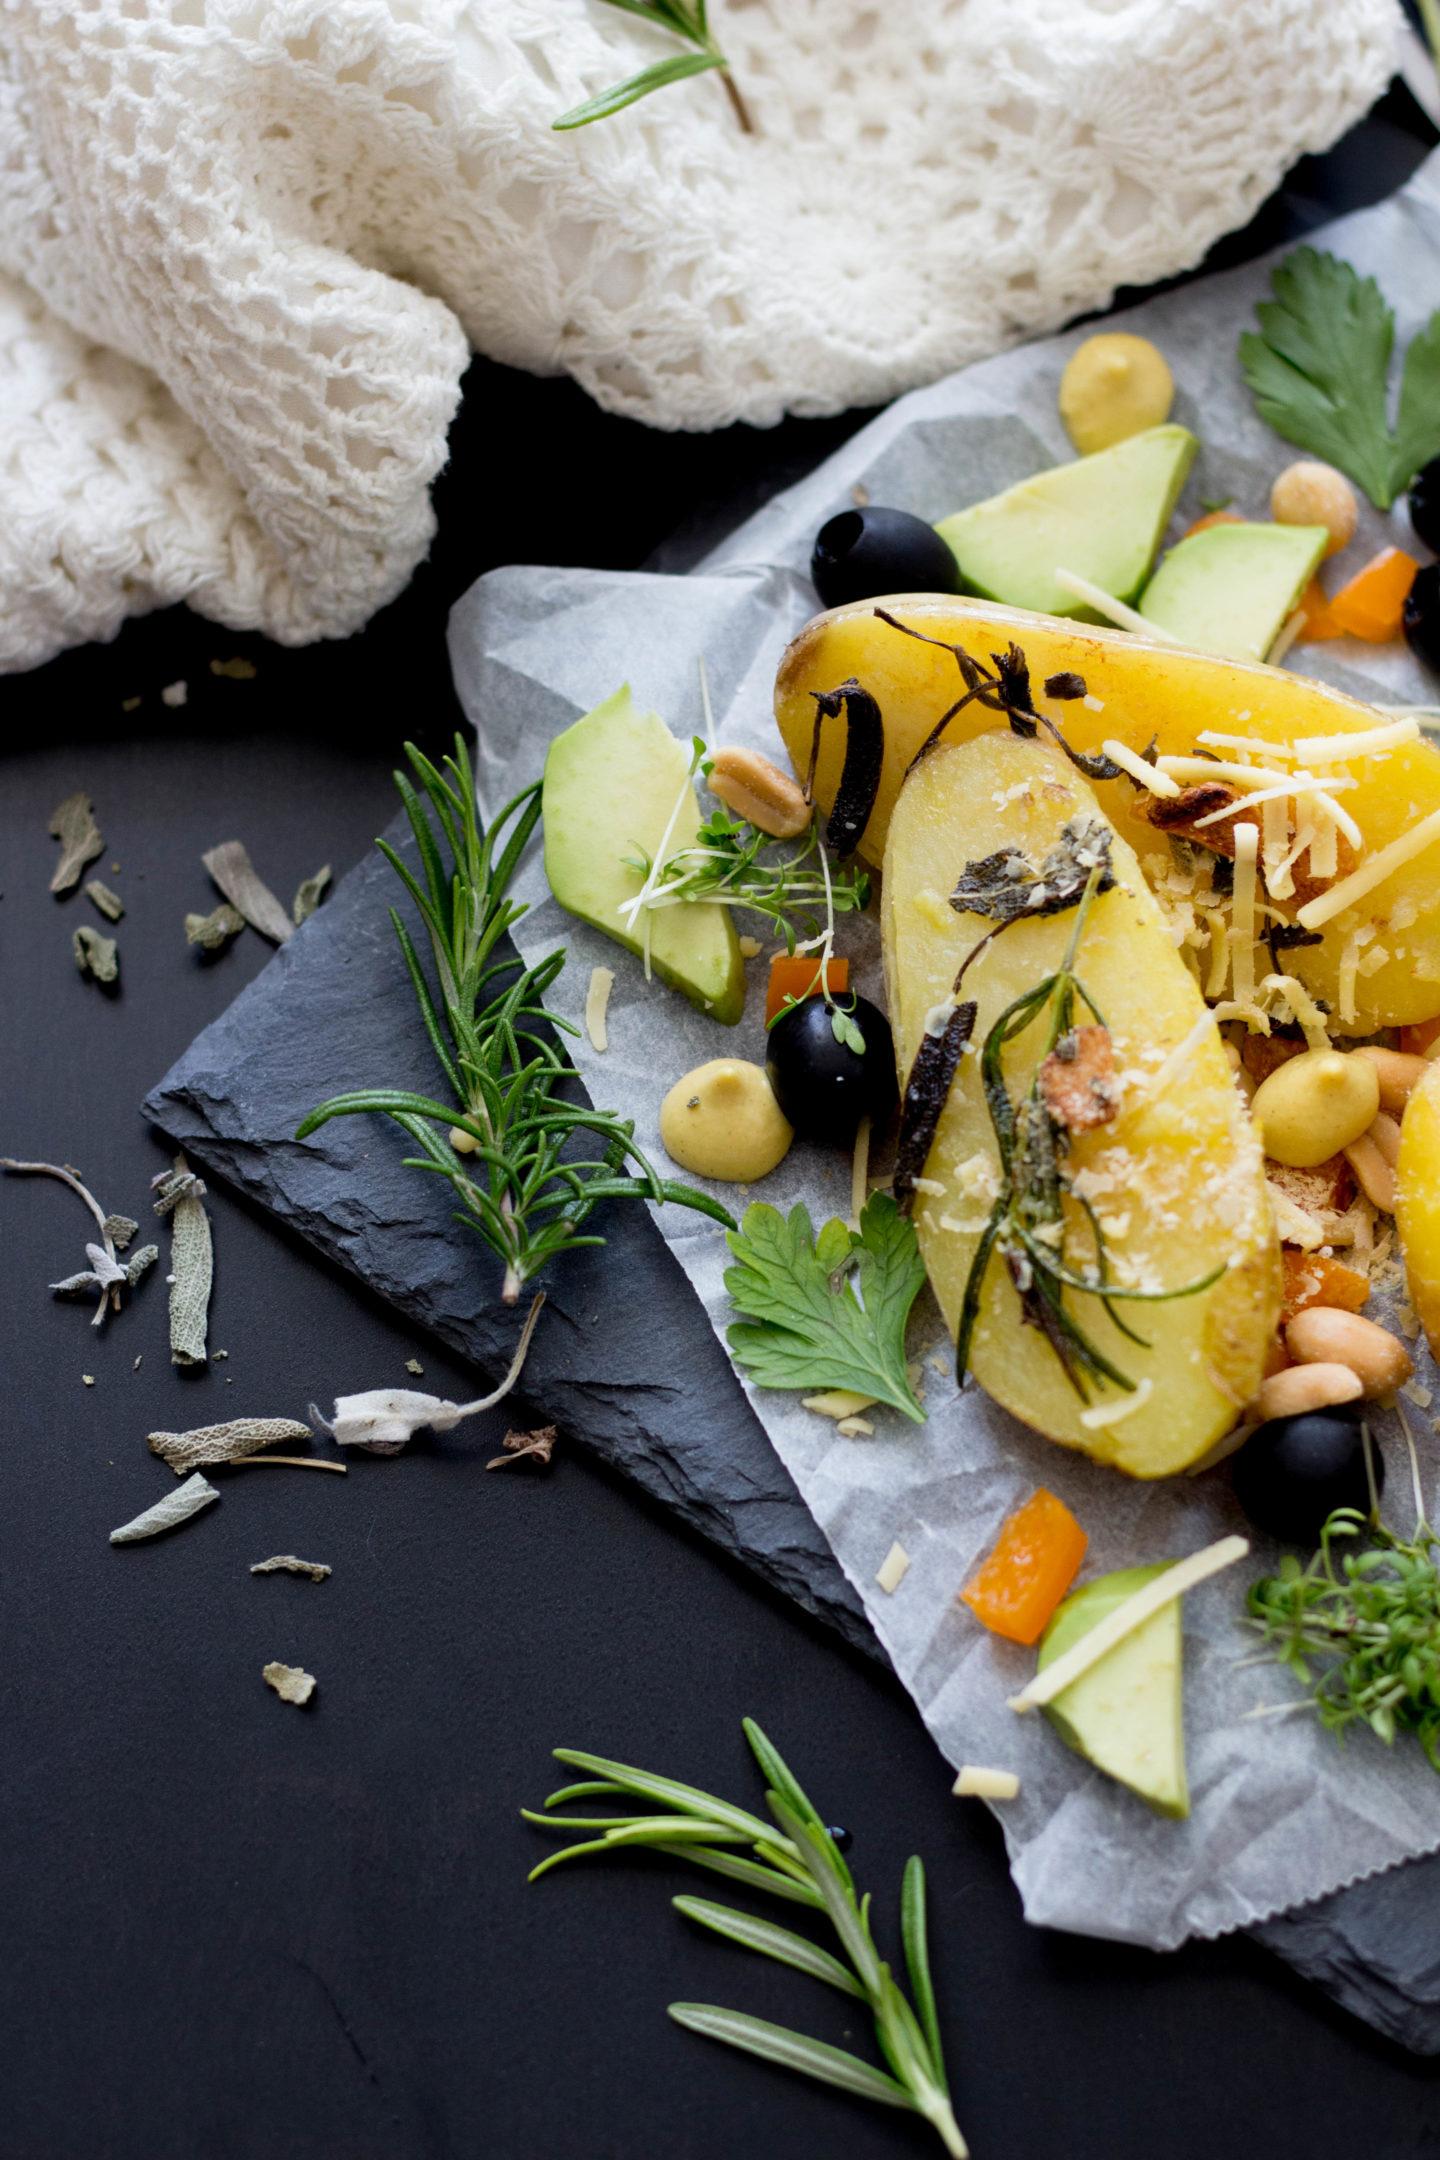 leckere rezepte für schnelle vegane kuchen. schnelle vegane küche ... - Schnelle Vegane Küche